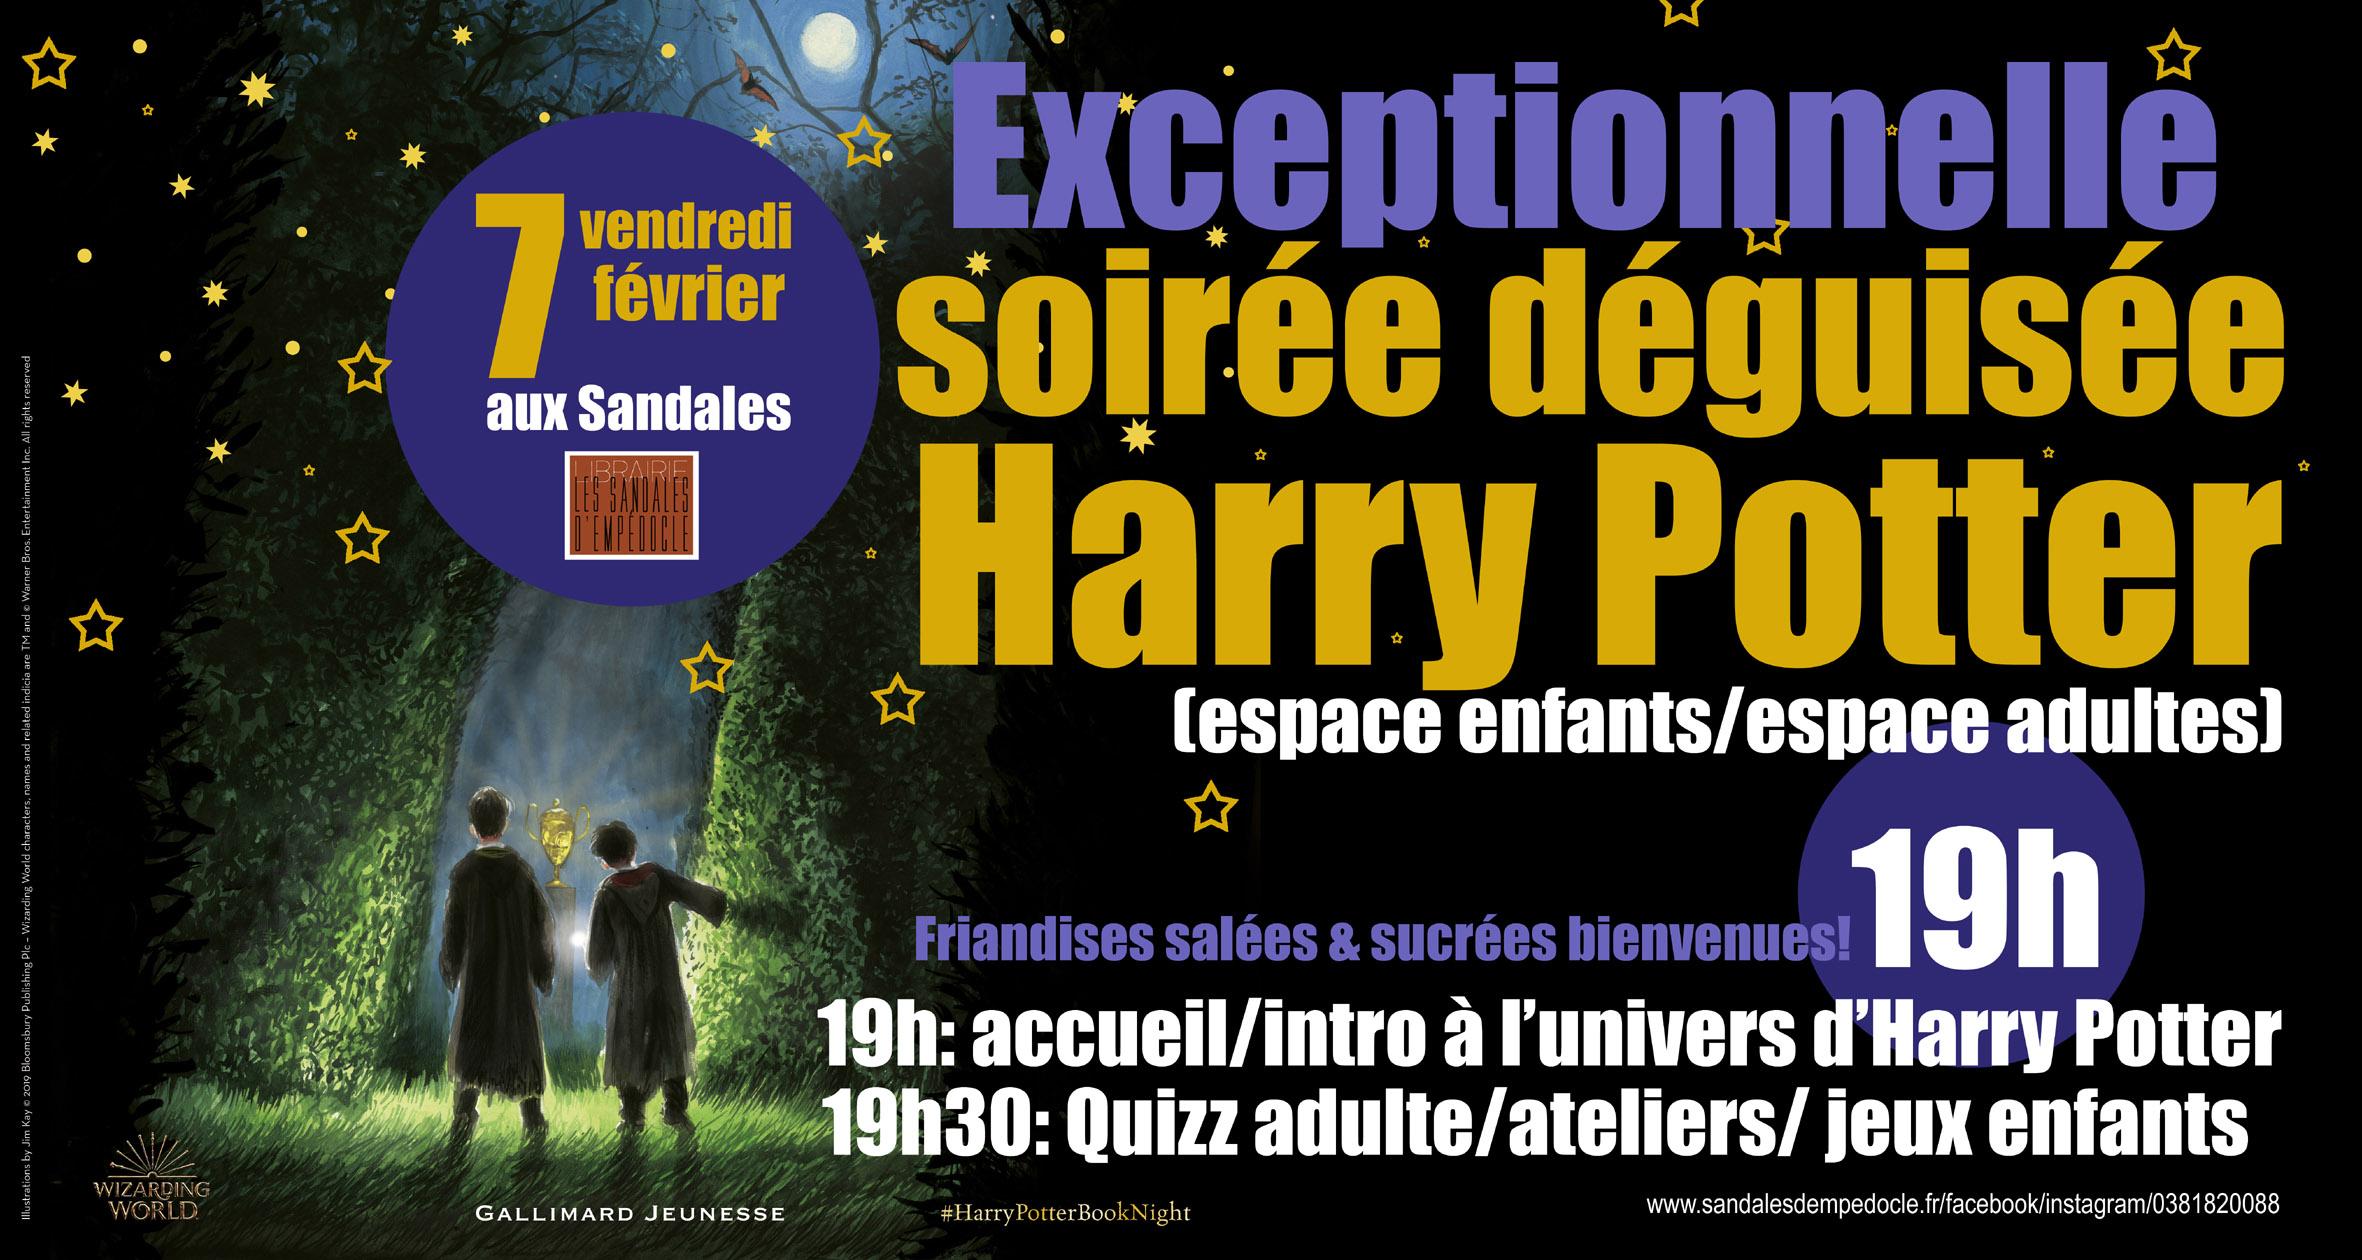 EXCEPTIONNELLE soirée déguisée Harry POTTER!